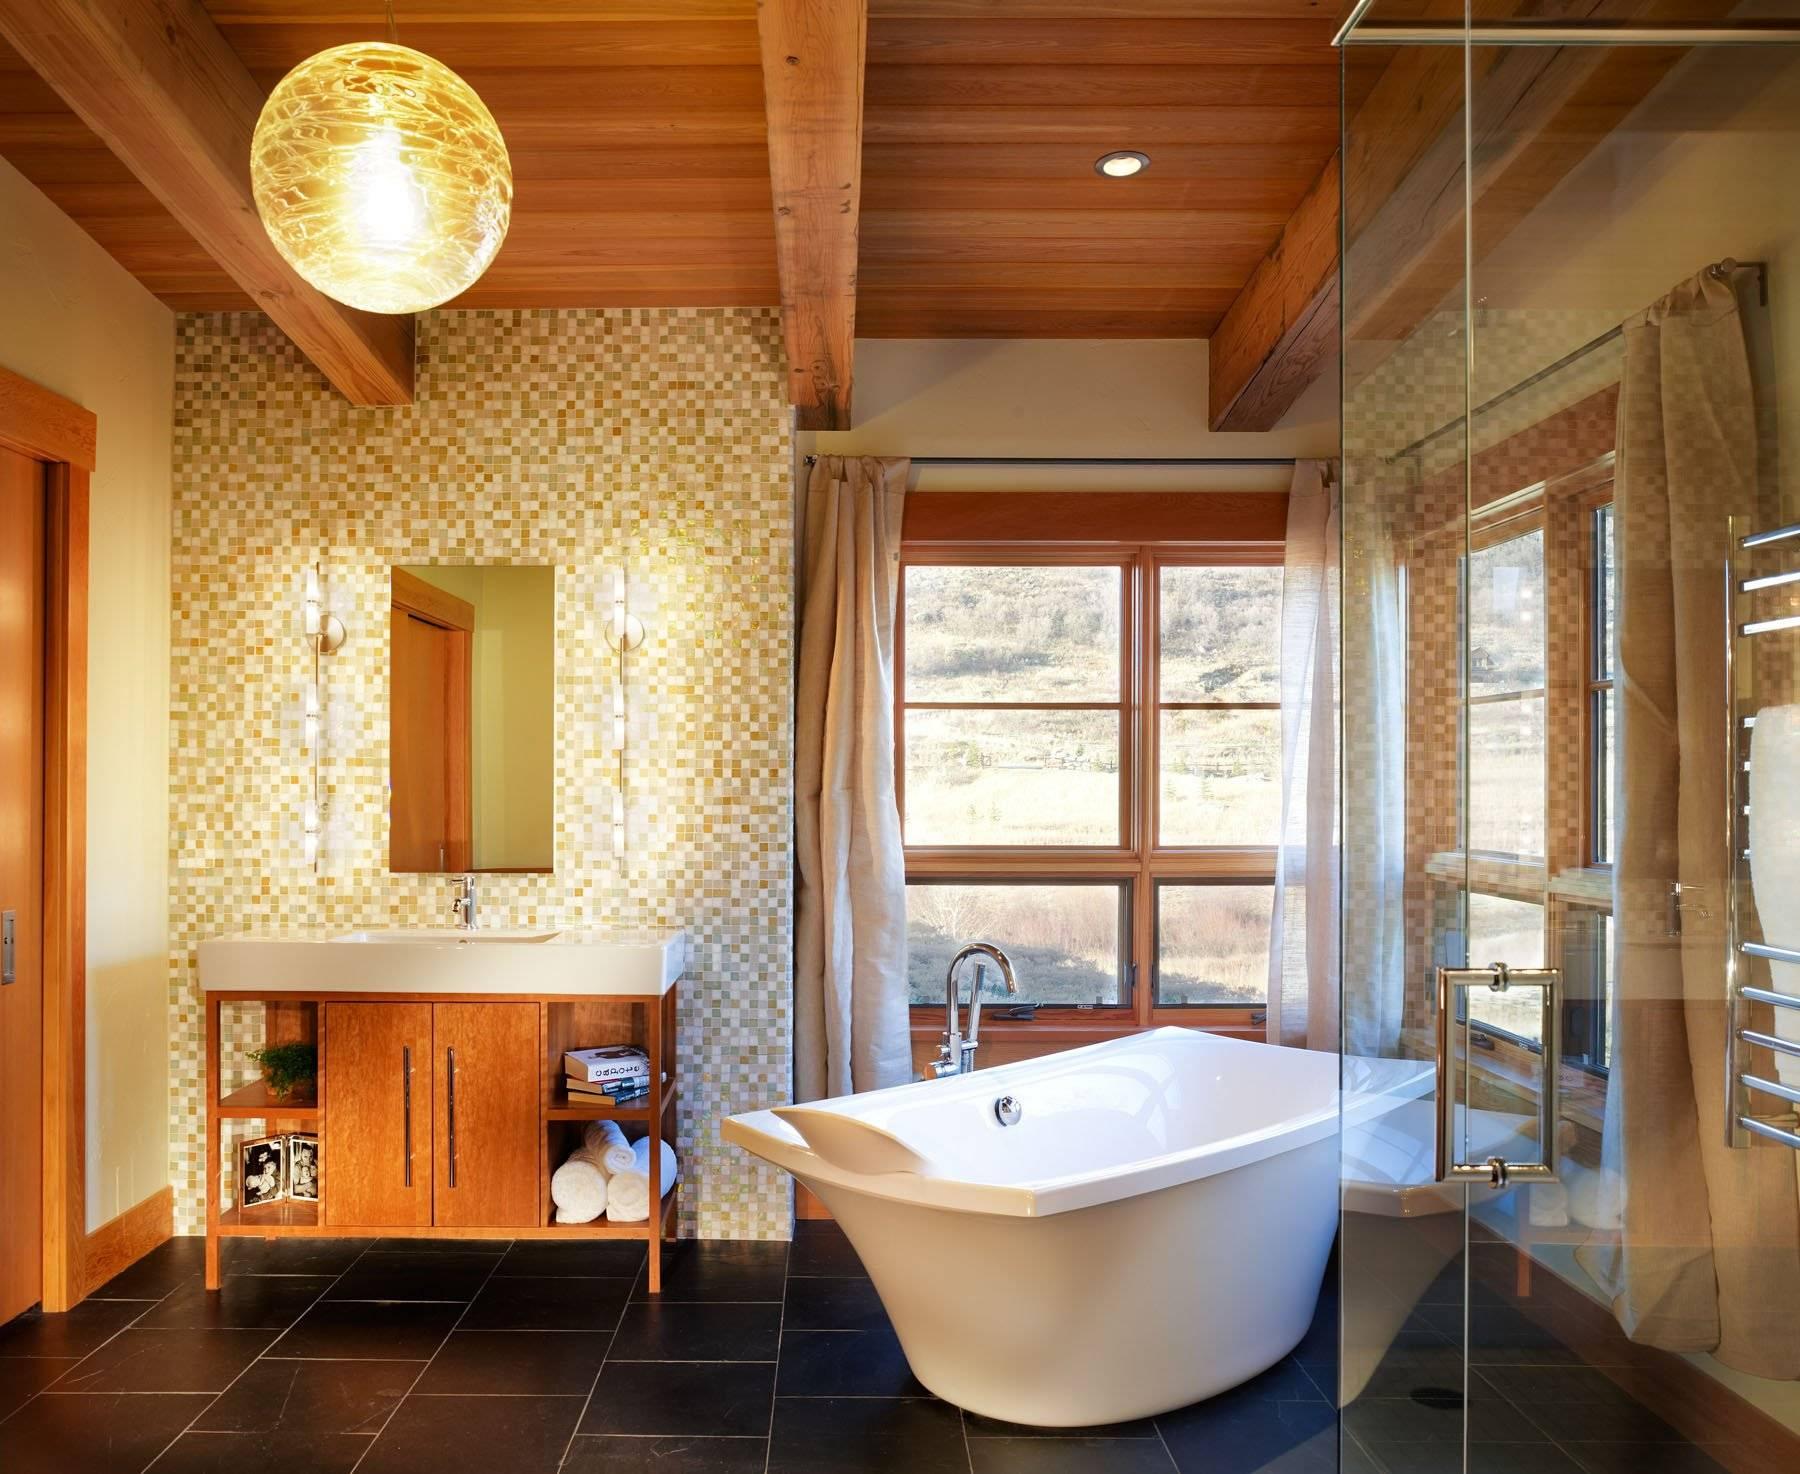 Ванная в деревянном доме - 28 фото примеров